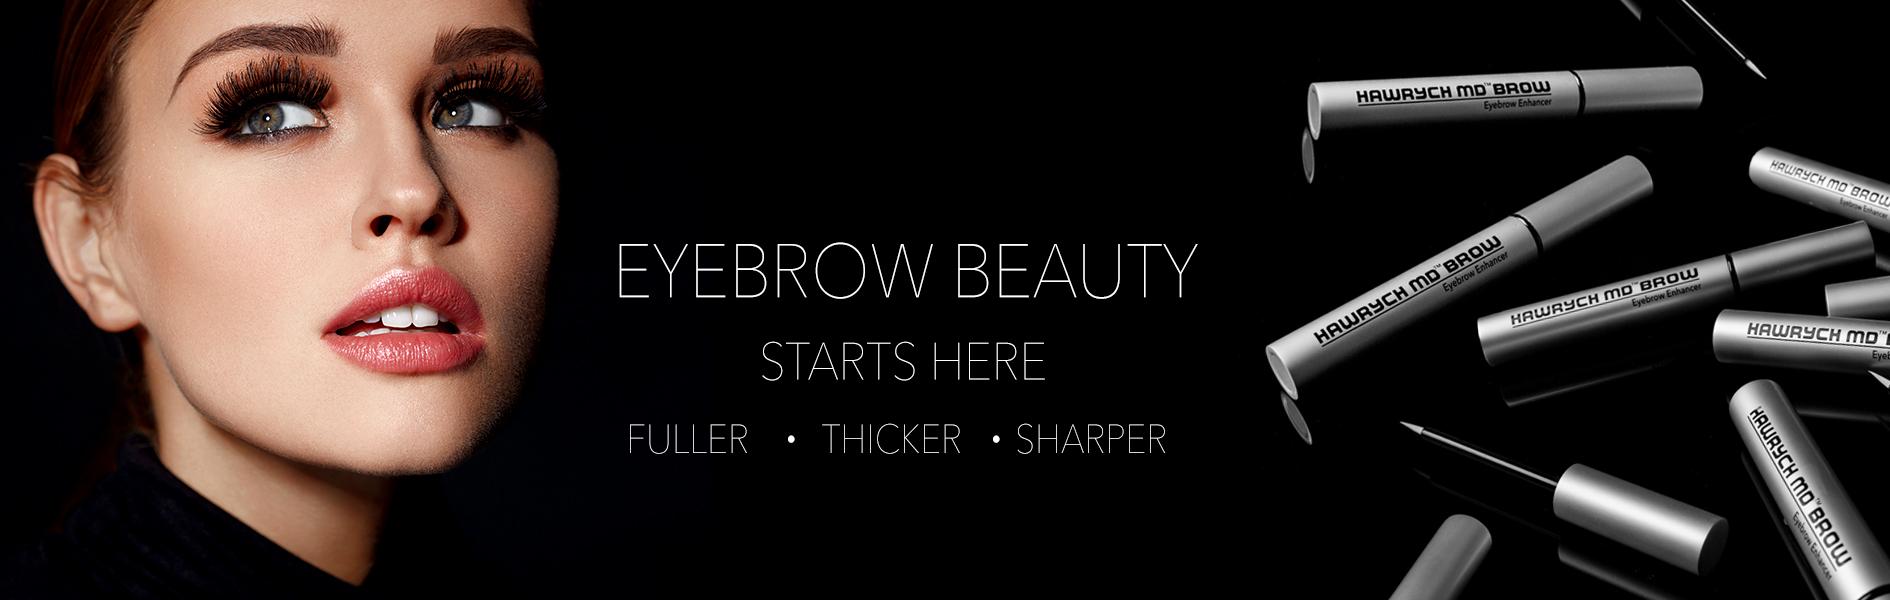 hawrych md eyebrow enhancer